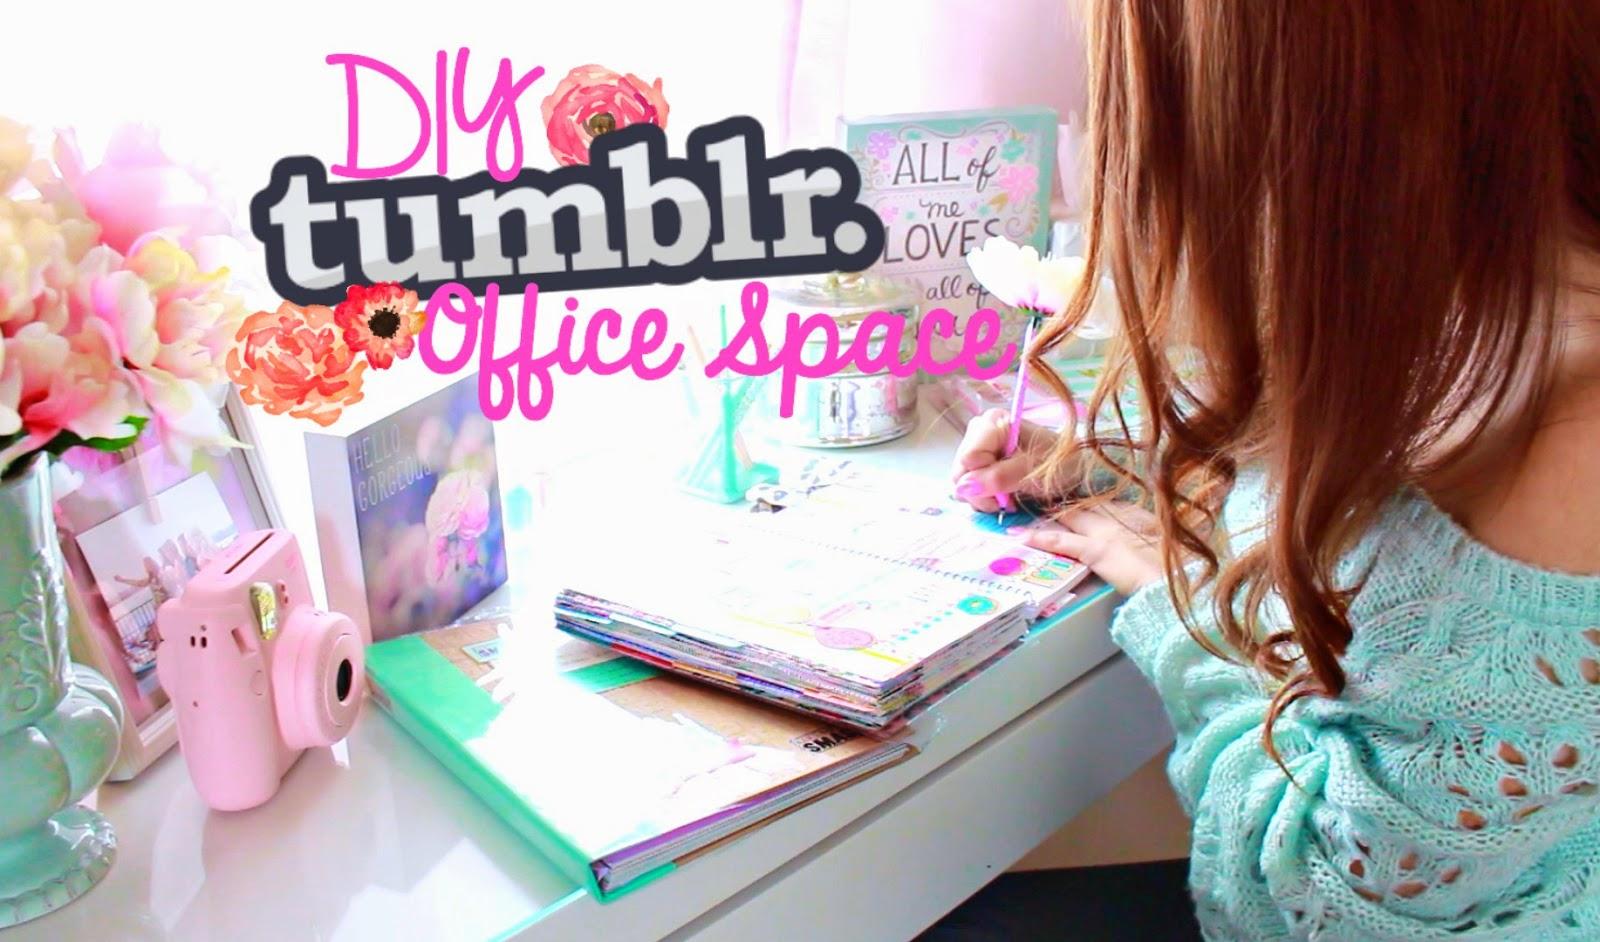 T Shirt Organizer Belindaselene Diy Tumblr Inspired Office Desk Space